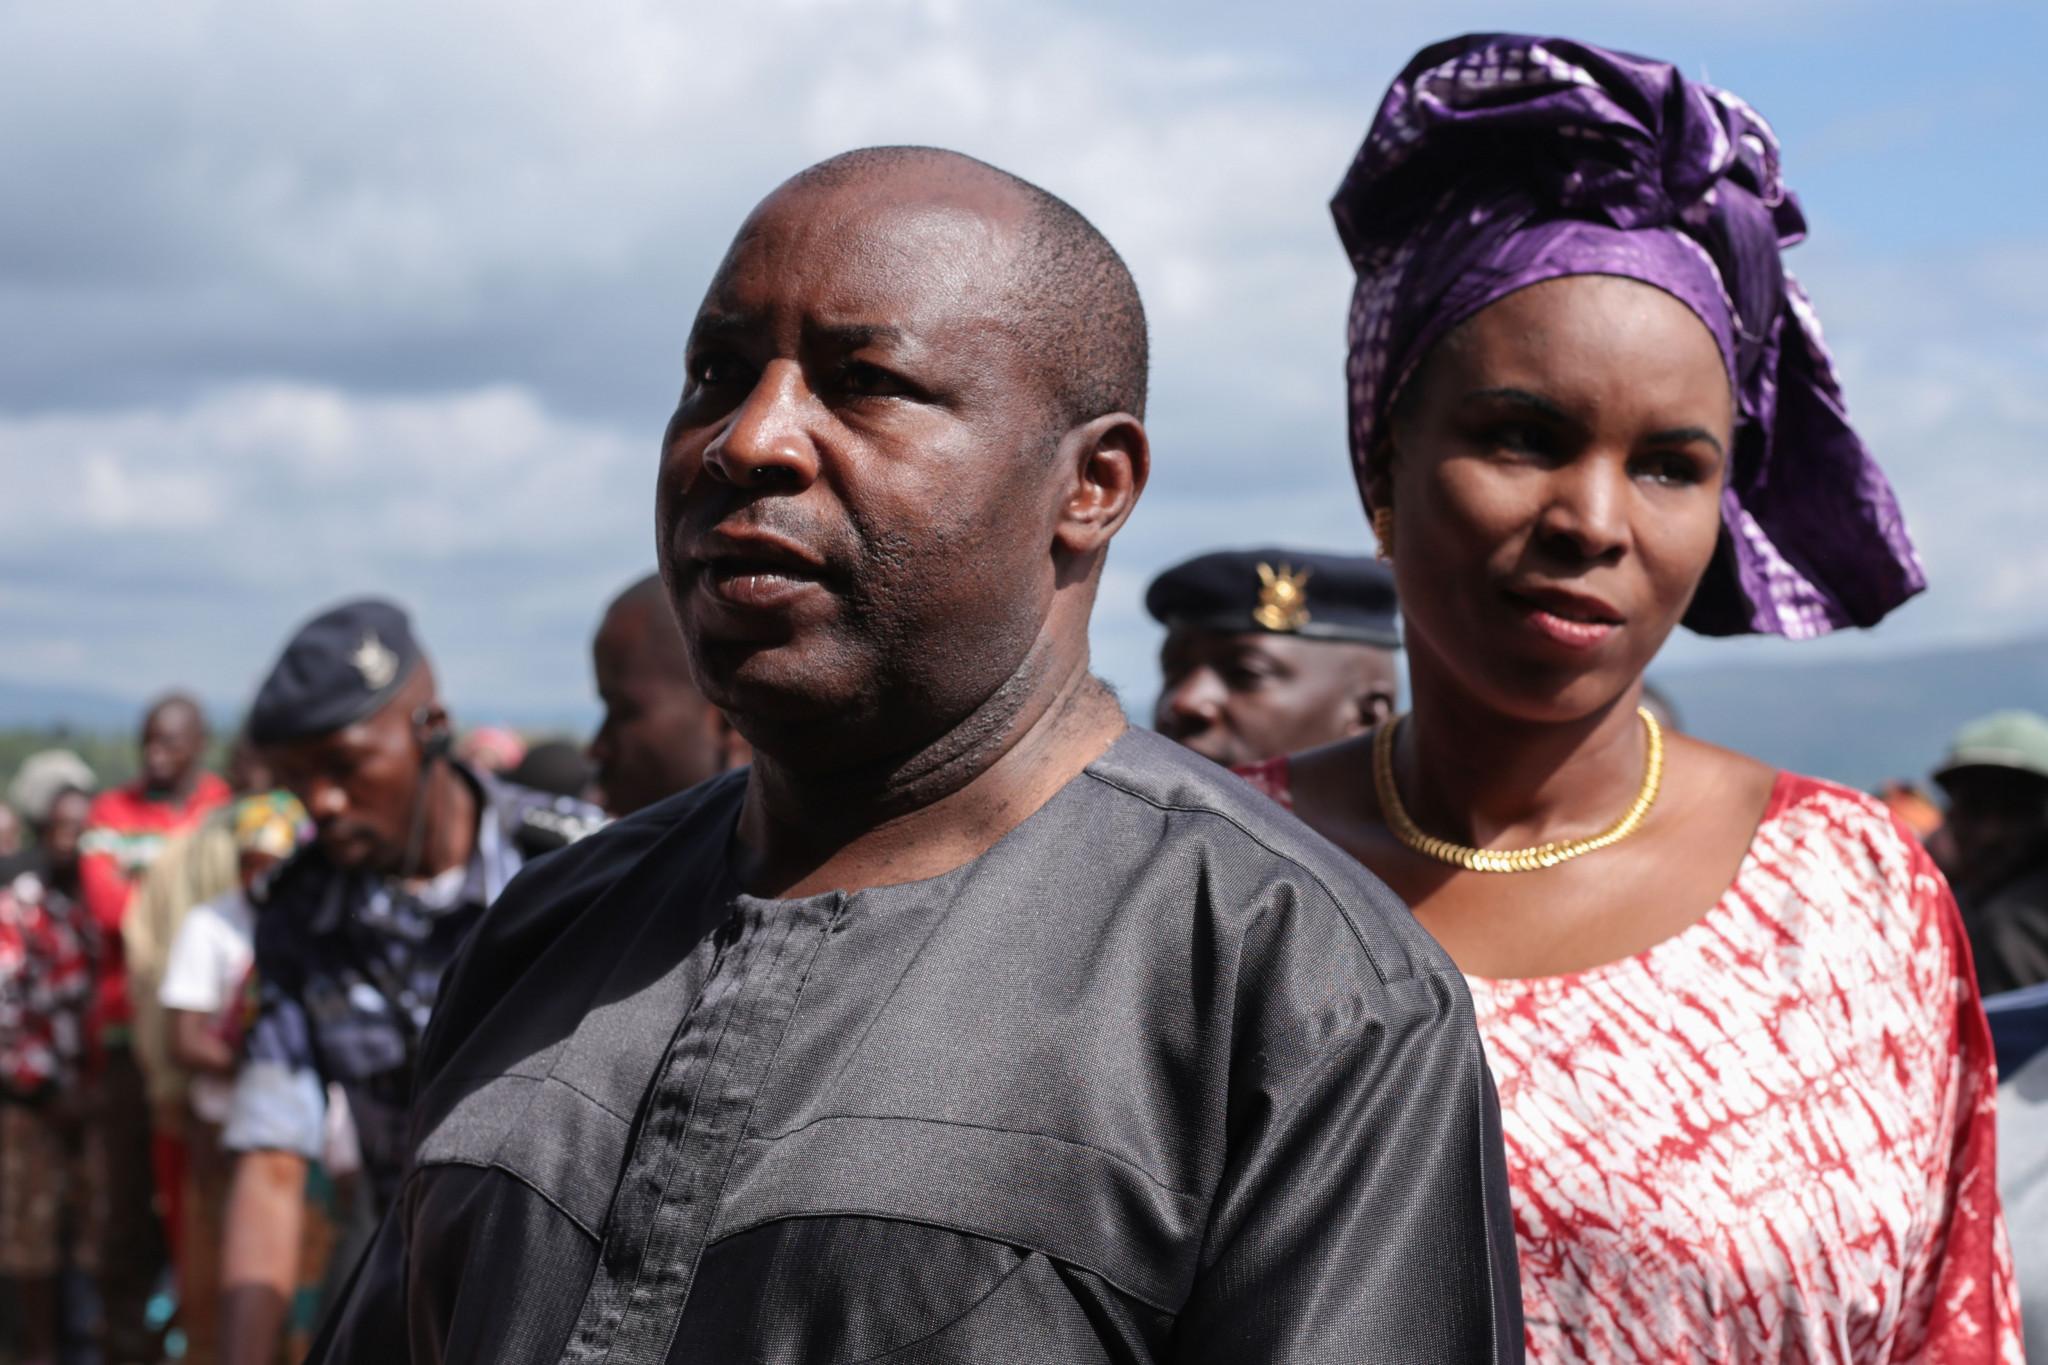 Evariste Ndayishimiye has been elected as new President of Burundi ©Getty Images